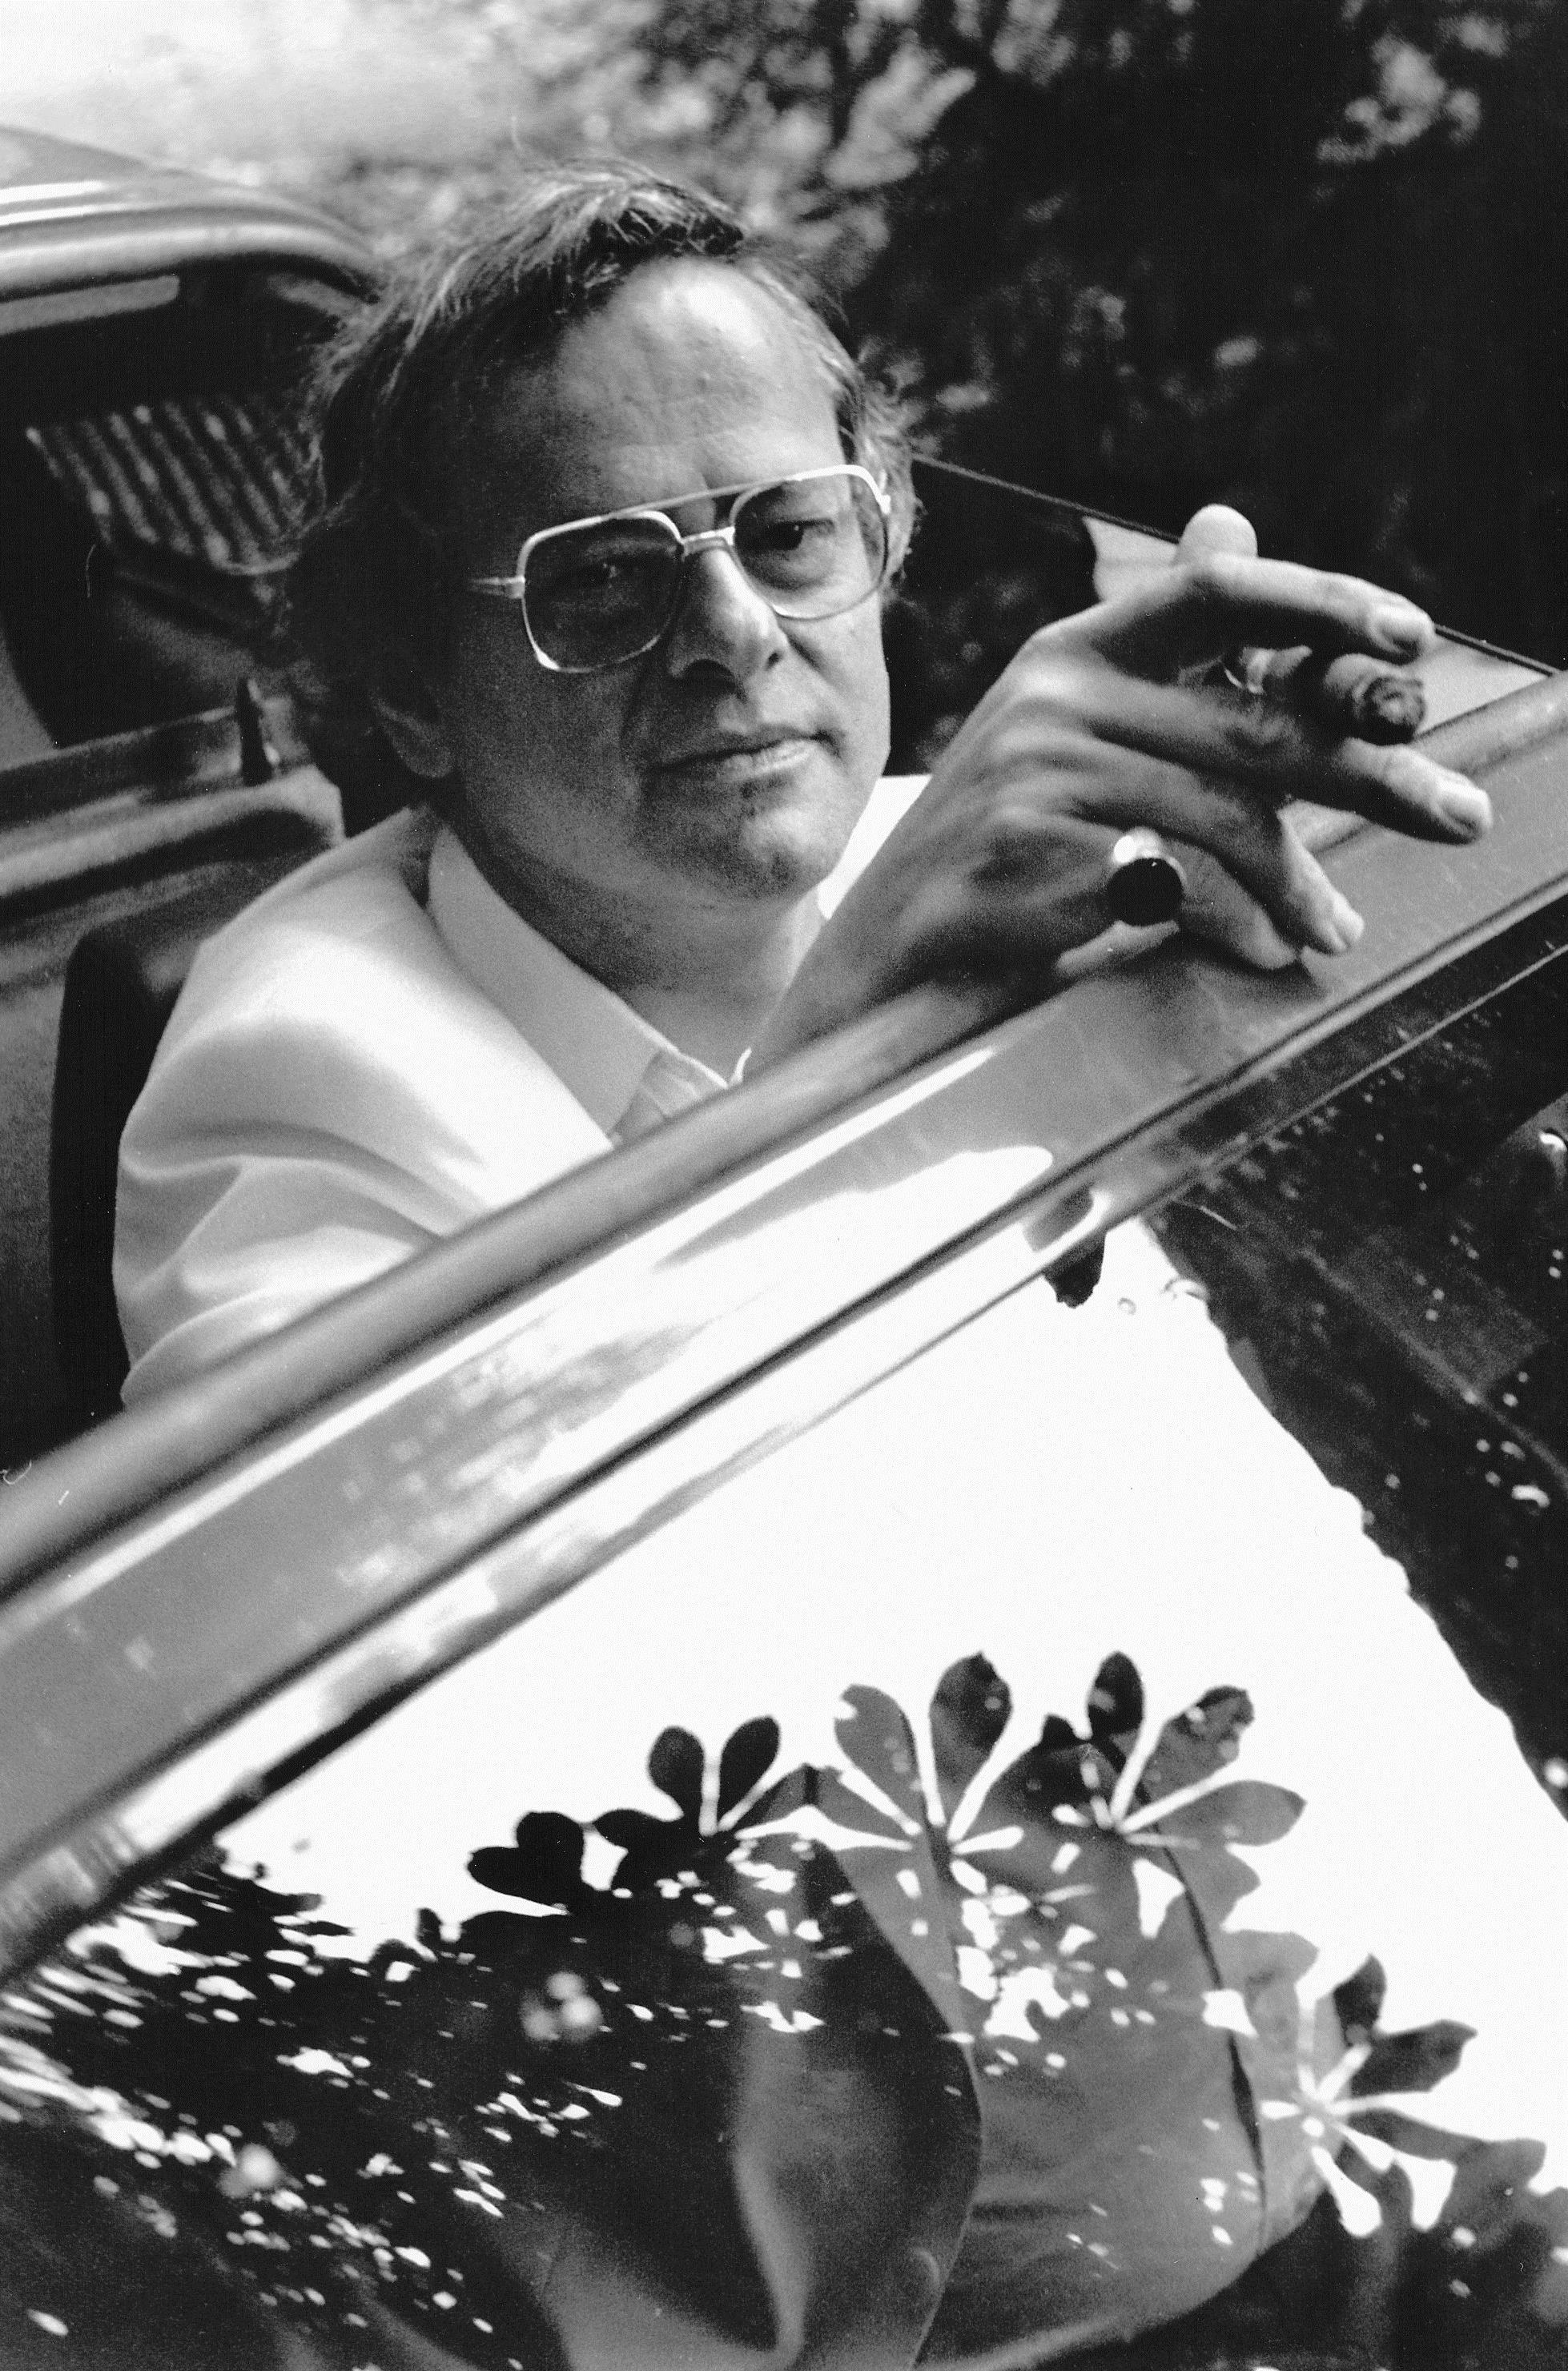 Hermann Burger - Hermann Burger, geboren 1942 in Aarau/Schweiz, studierte Germanistik und promovierte mit einer Arbeit über Paul Celan. Bereits als Student debütierte er 1967 mit der Gedichtsammlung Rauchsignale. Sein vielbeachteter erster Roman Schilten erschien 1976. Burger war außerdem Privatdozent für Neuere Deutsche Literatur und Feuilletonredaktor. Sein literarisches Werk wurde vielfach ausgezeichnet. 1989 starb Hermann Burger auf Schloss Brunegg im Aargau an einer Überdosis Medikamente.Bild © Yvonne Böhler